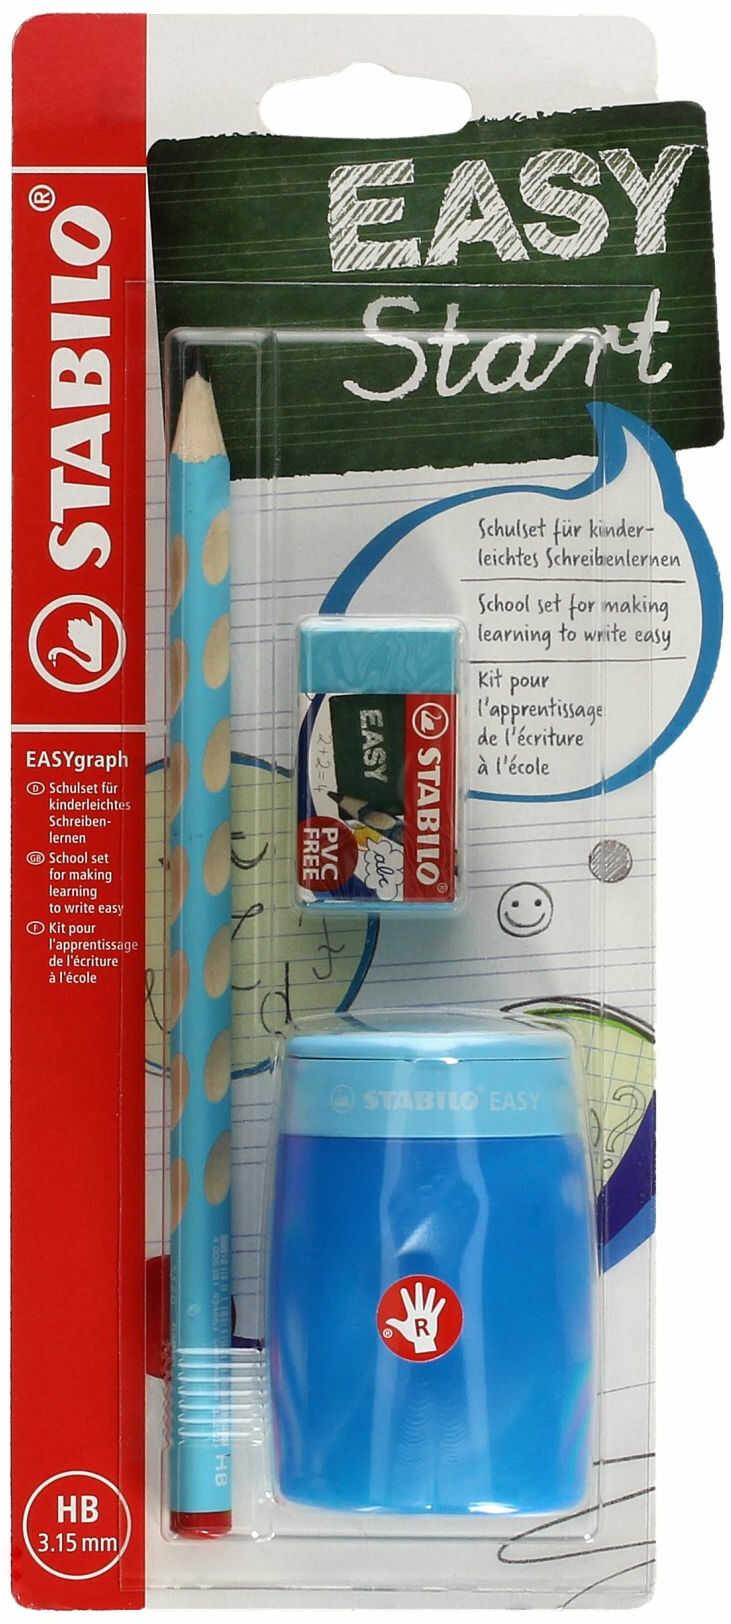 Ołówek do nauki pisania dla praworęcznych HB niebieski Easygraph Stabilo SchoolSet + temperówka i gumka